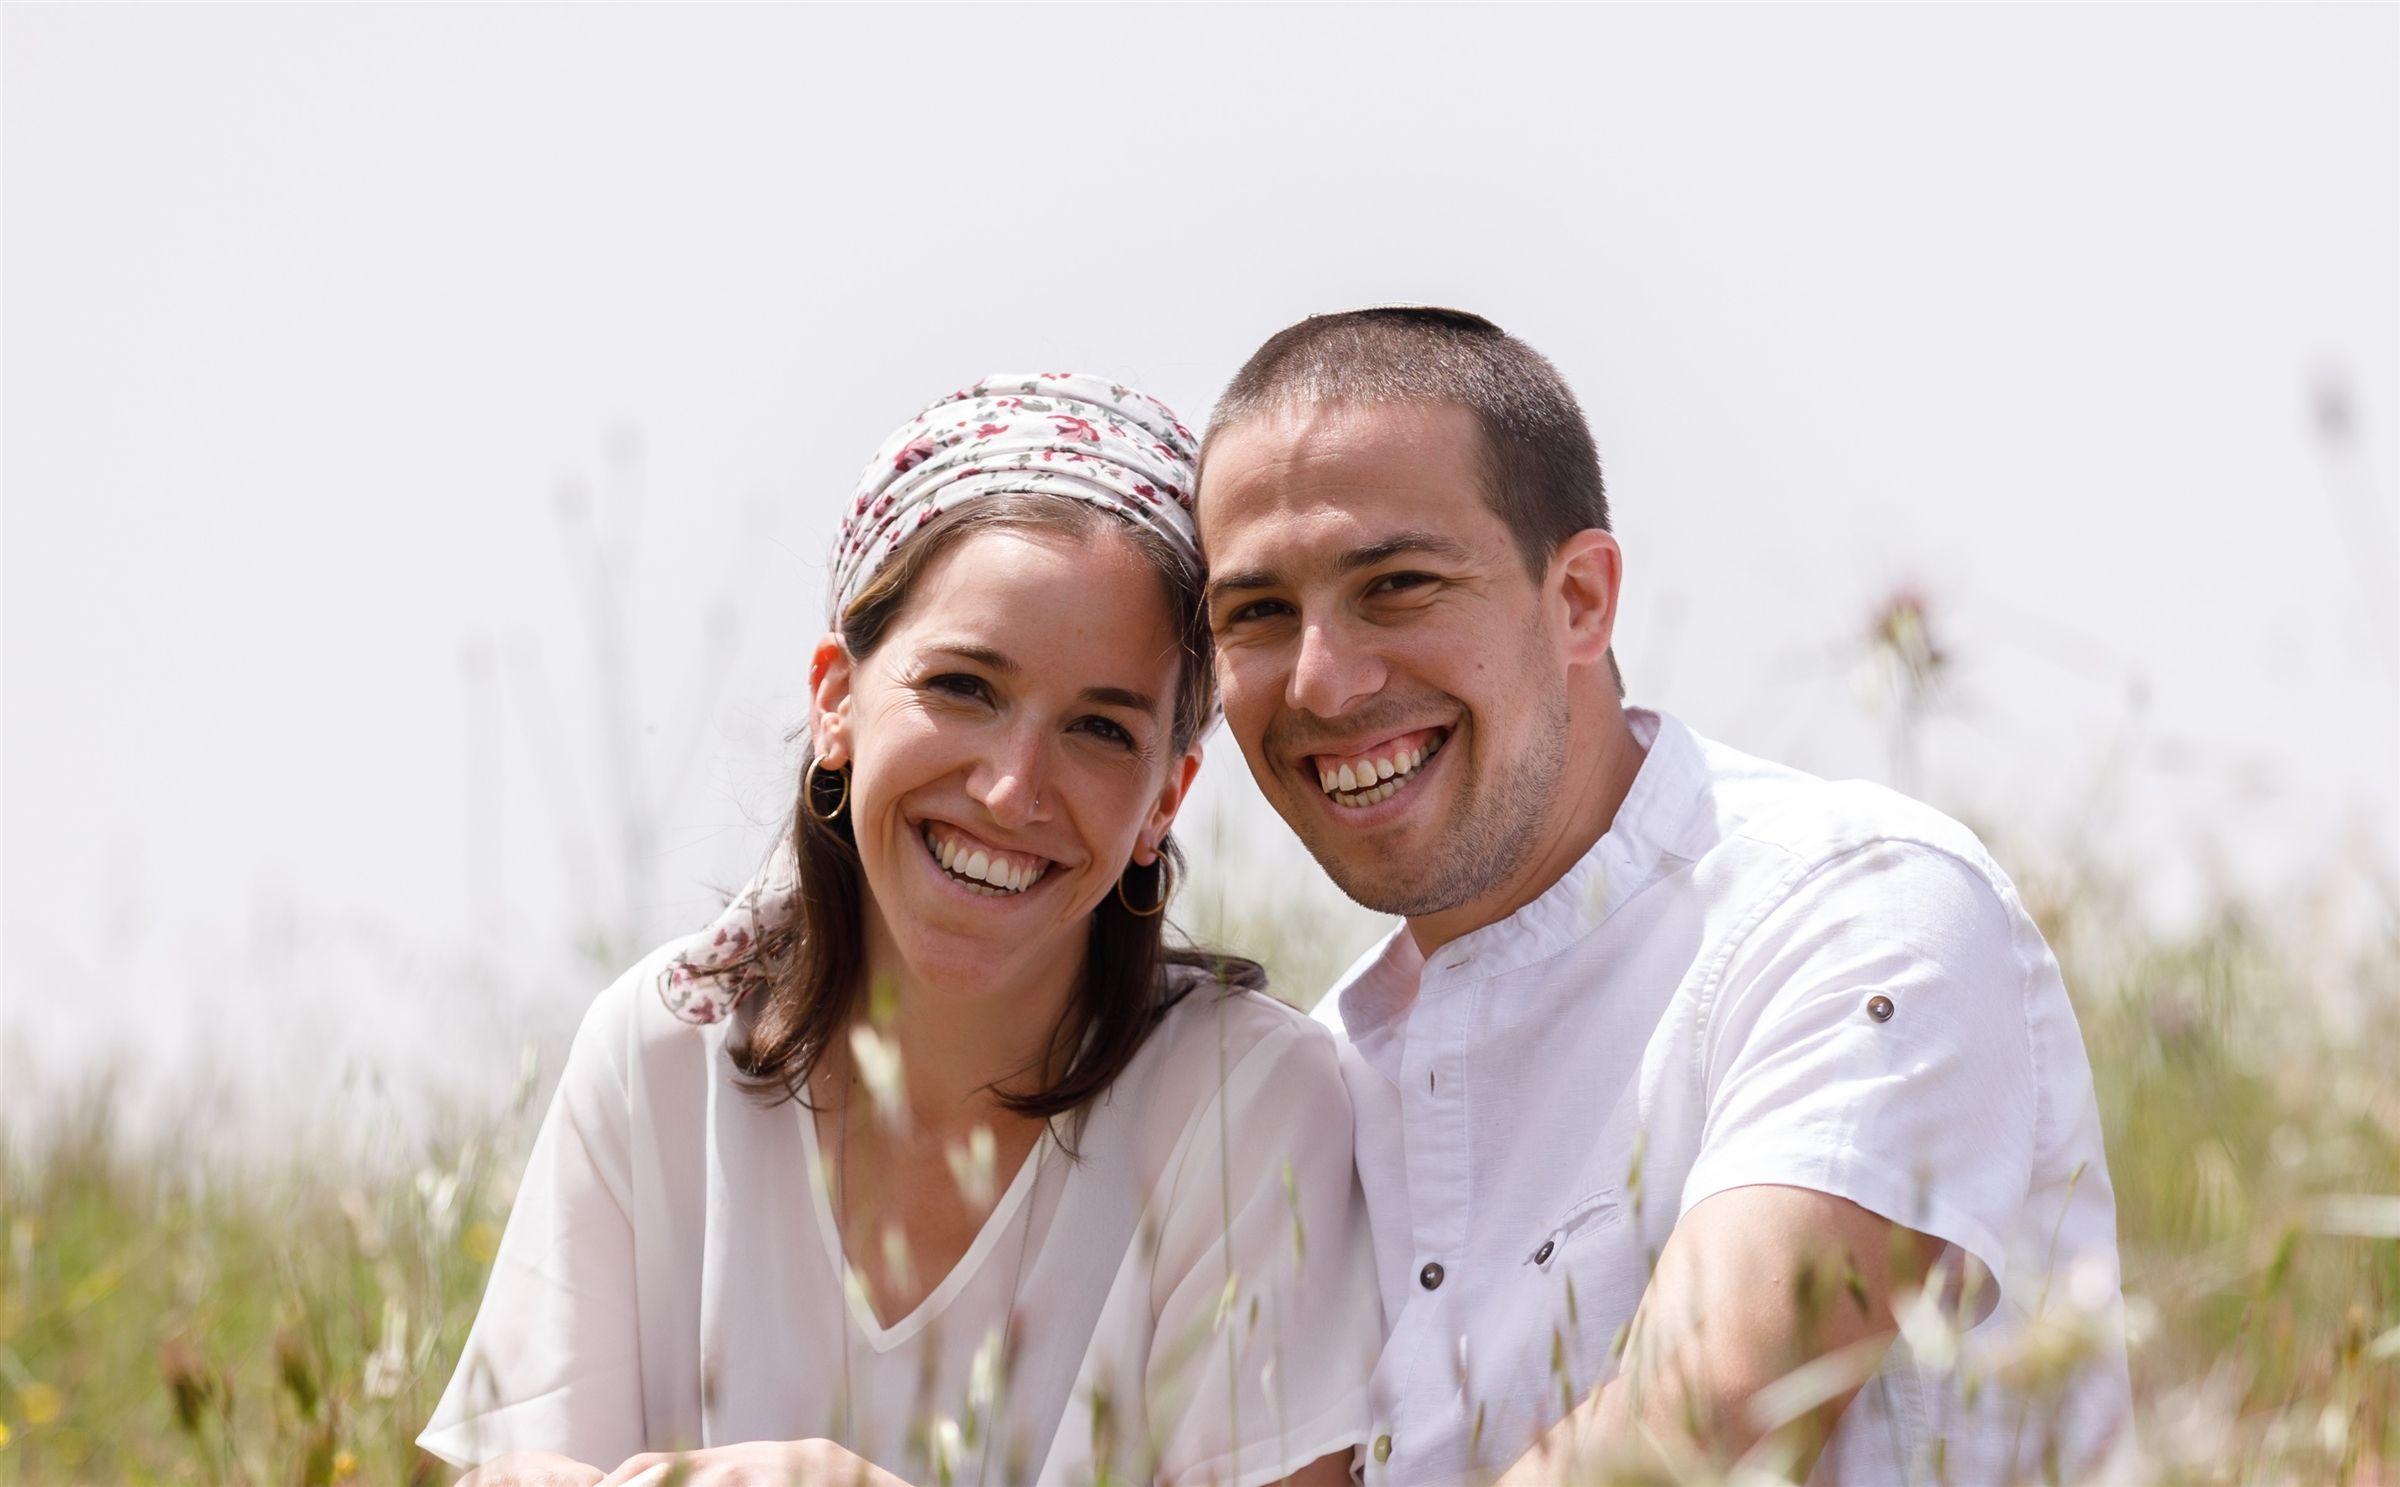 Shani and Matan Shefler